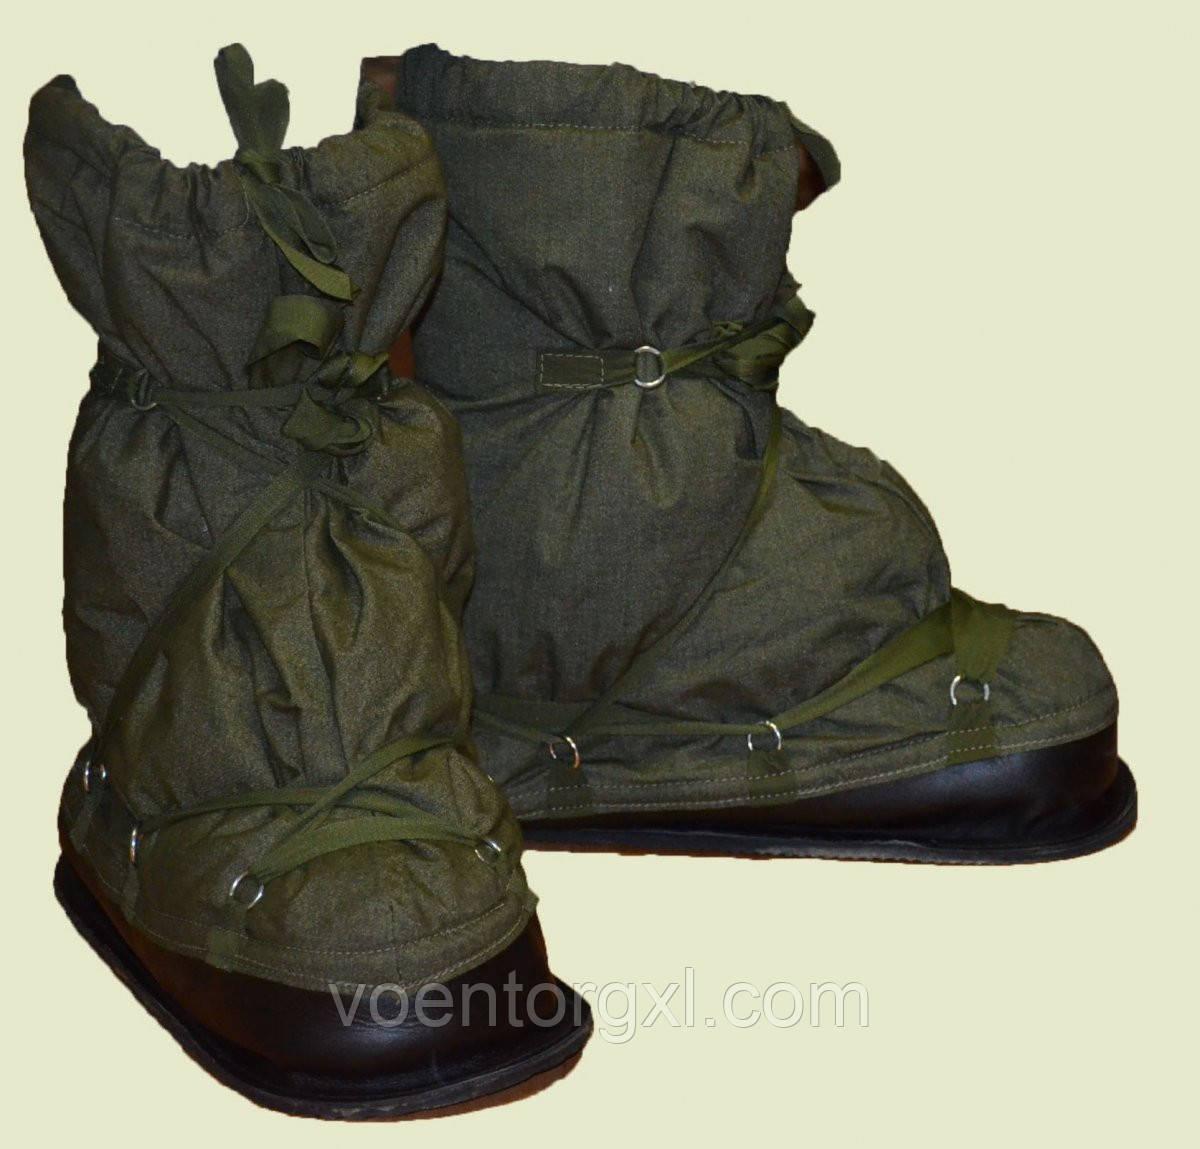 Арктичні бахіли, зовнішній утеплювач взуття. НОВІ. Великобританія, оригінал.